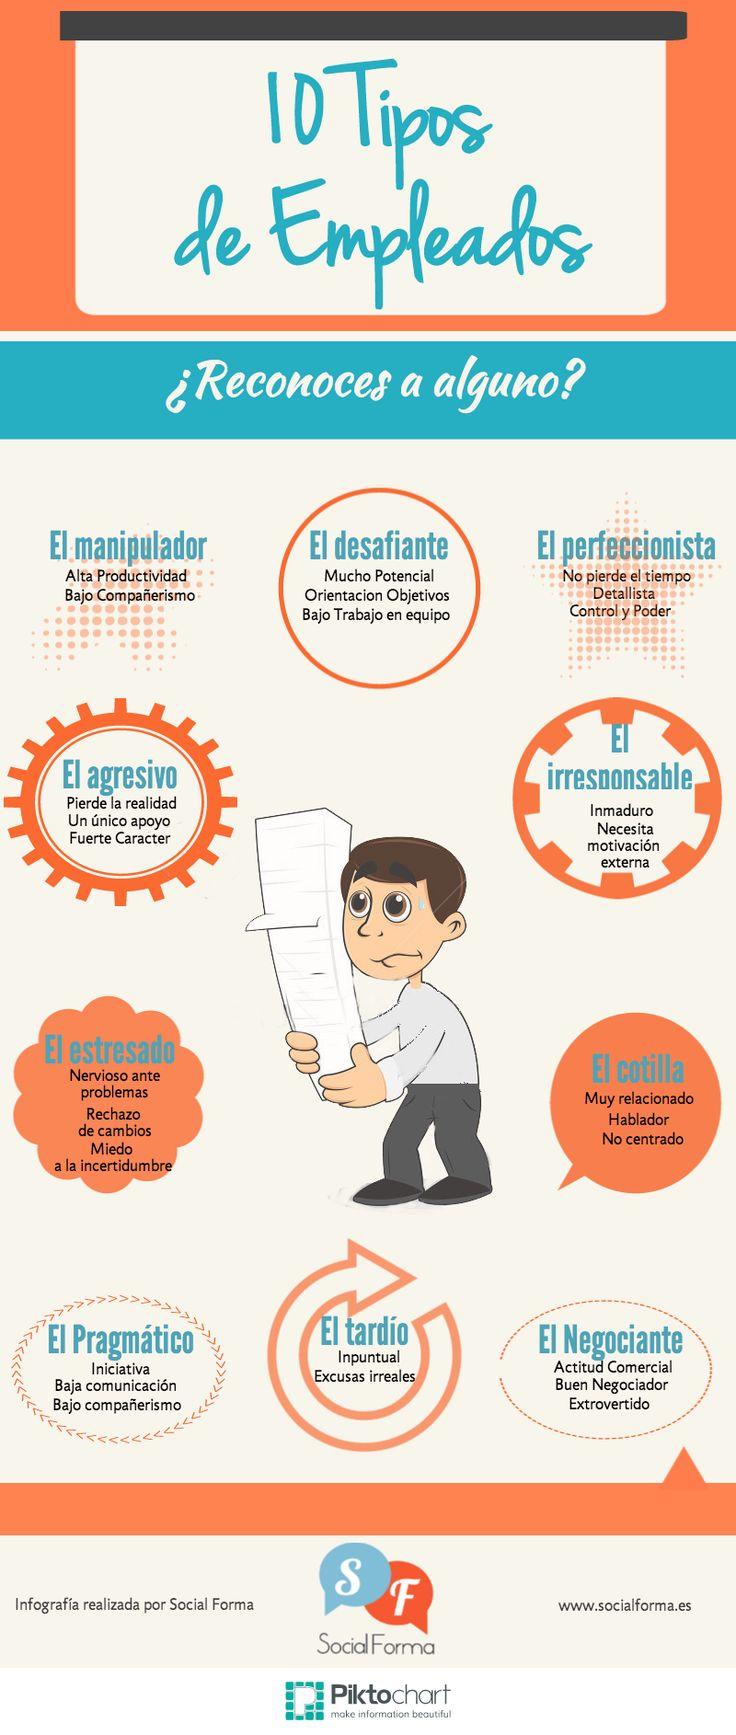 10 tipologías de trabajadores #infografia #infographic #rrhh